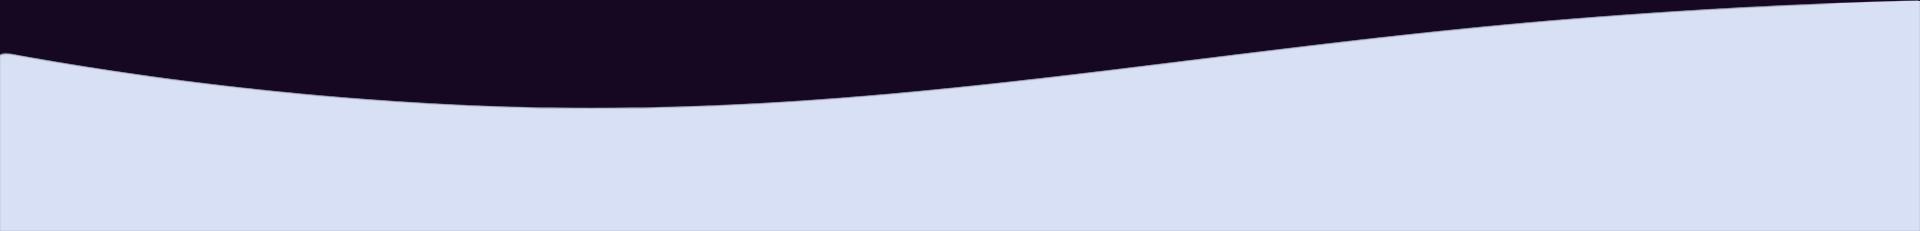 Belfort divider nasledstvo 1